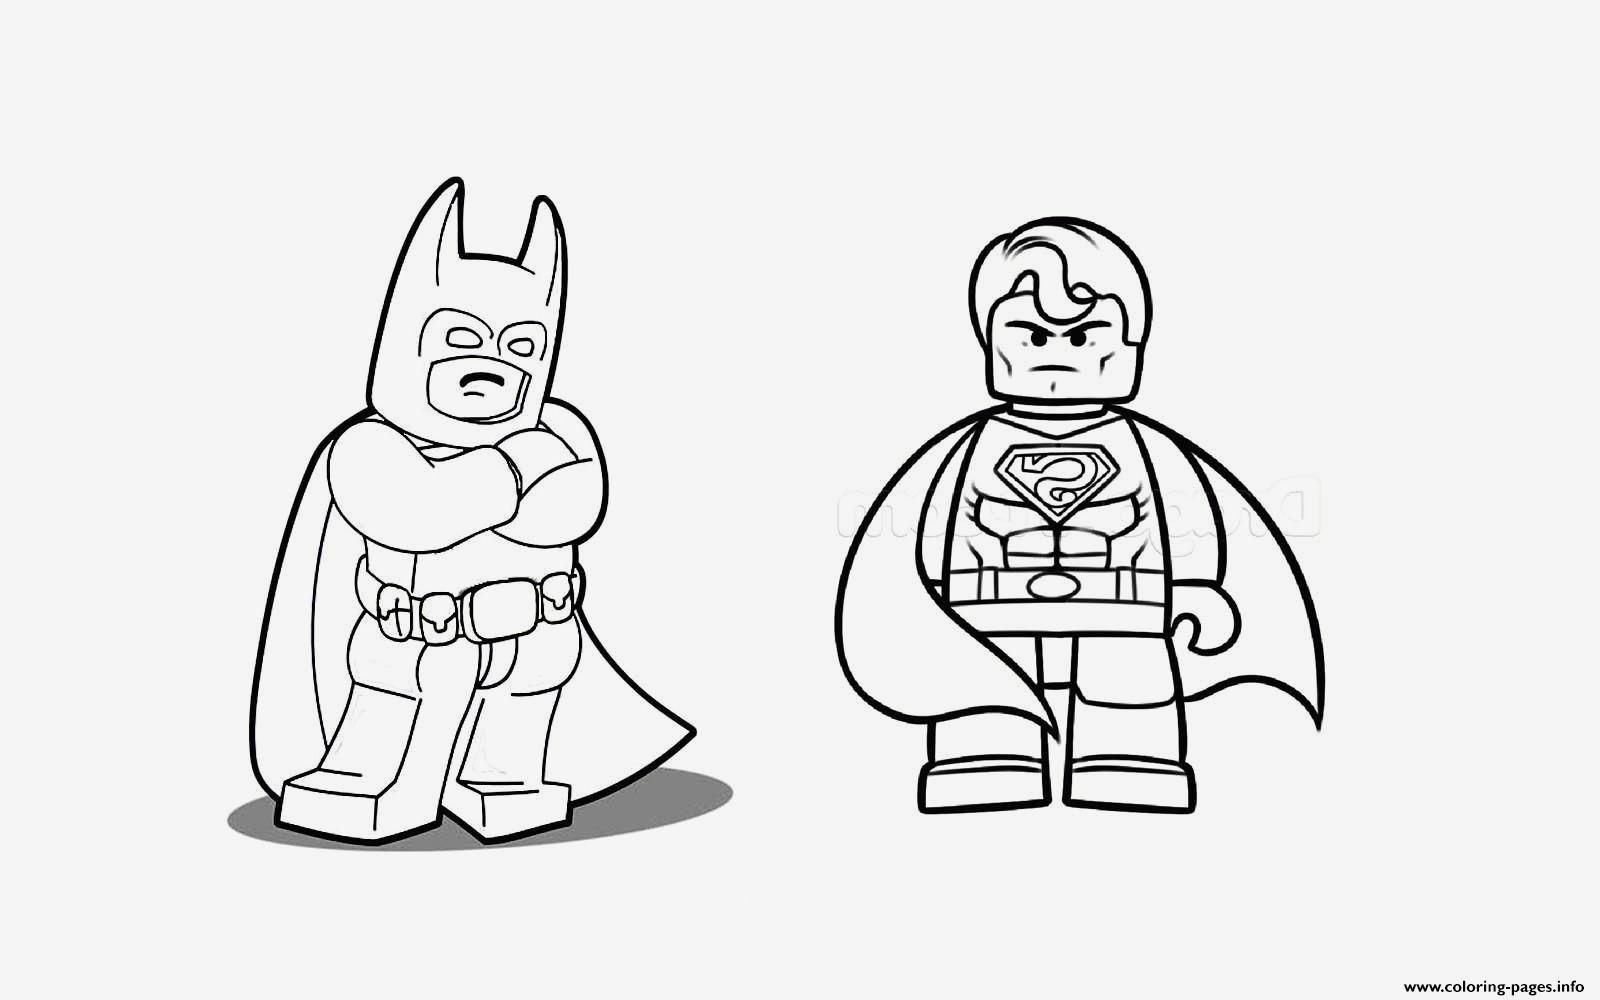 Ausmalbilder Batman Lego Das Beste Von Lego Batman Ausmalbilder Verschiedene Bilder Färben 13 Awesome Lego Bilder